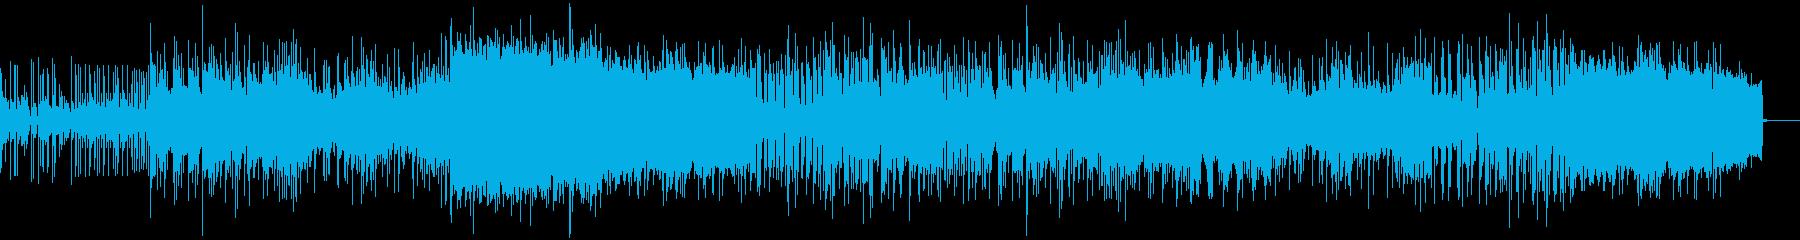 激しいノリのニューウェイヴ風ポストロックの再生済みの波形